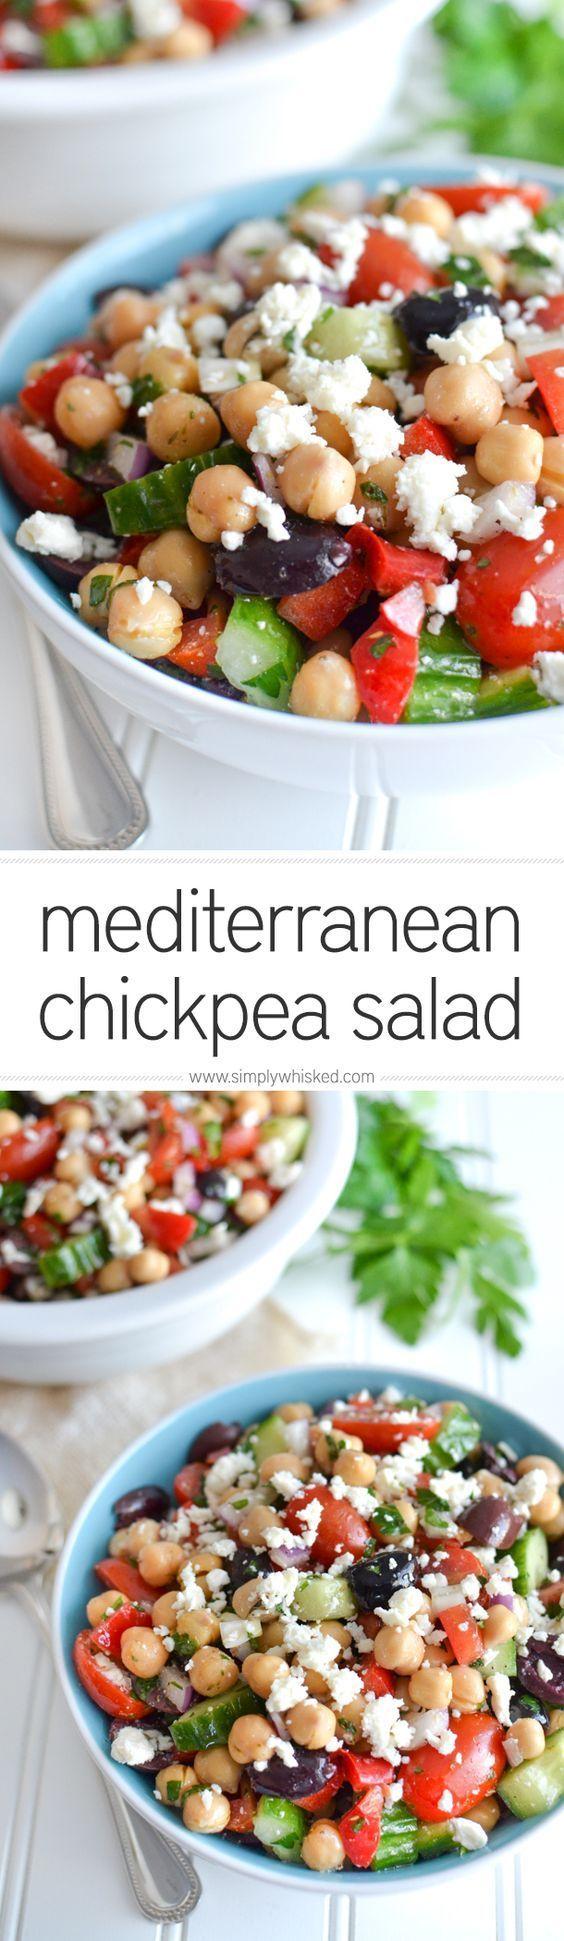 Mediterranean Chickpea Salad | Salad Recipes | Dinner Recipes